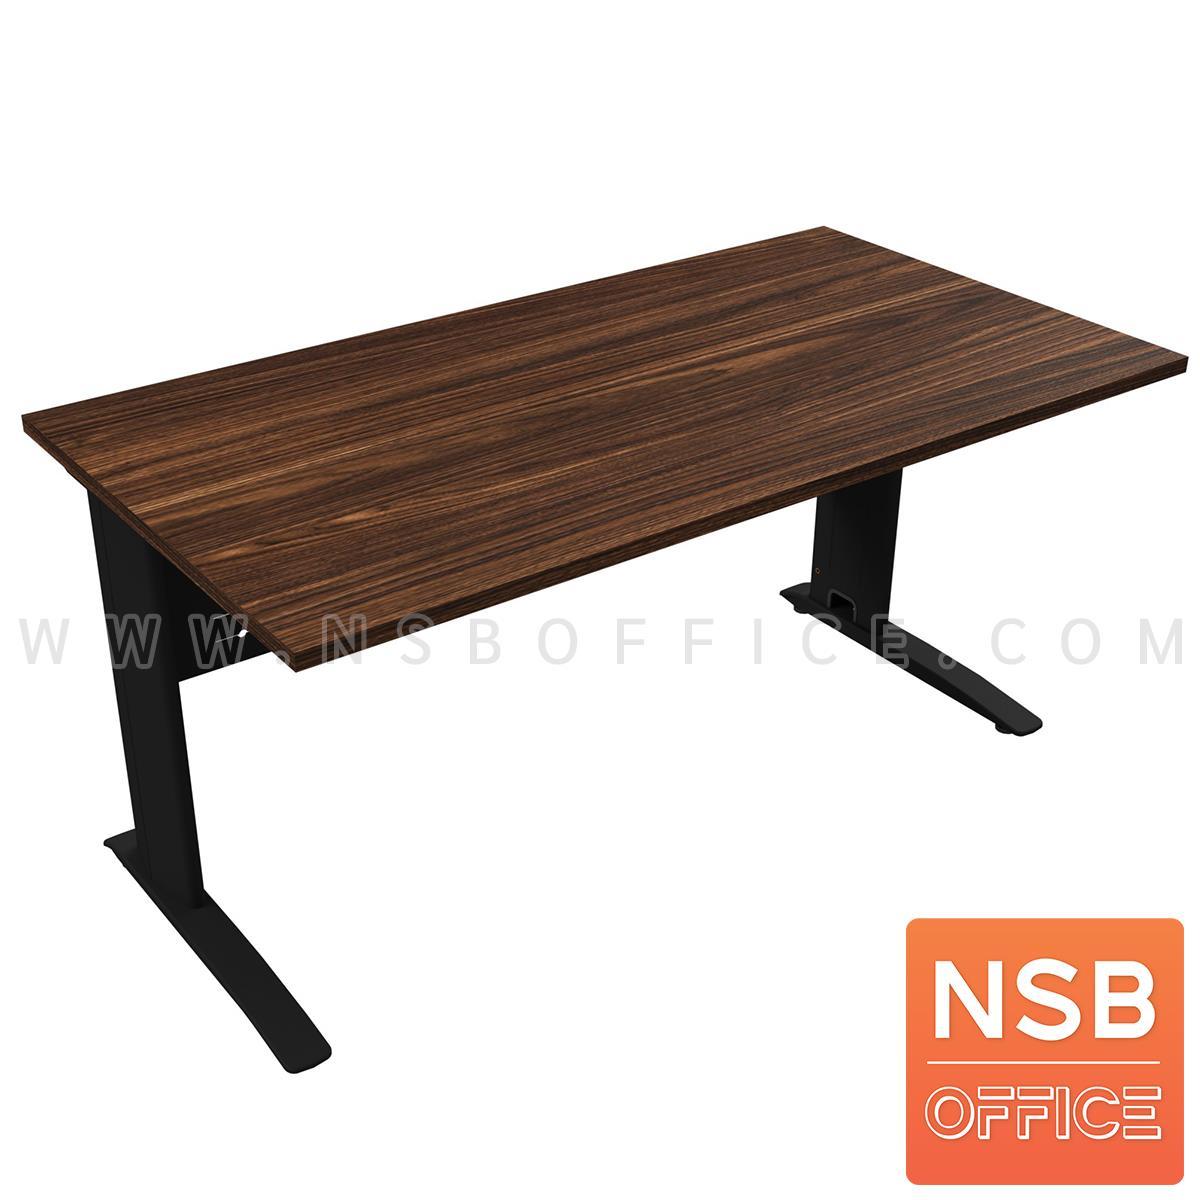 โต๊ะทำงาน รุ่น Westcon (เวสต์คอน) ขนาด 120W, 150W, 180*60D cm. บังโป๊เหล็ก ขาเหล็กตัวแอลพ่นสี